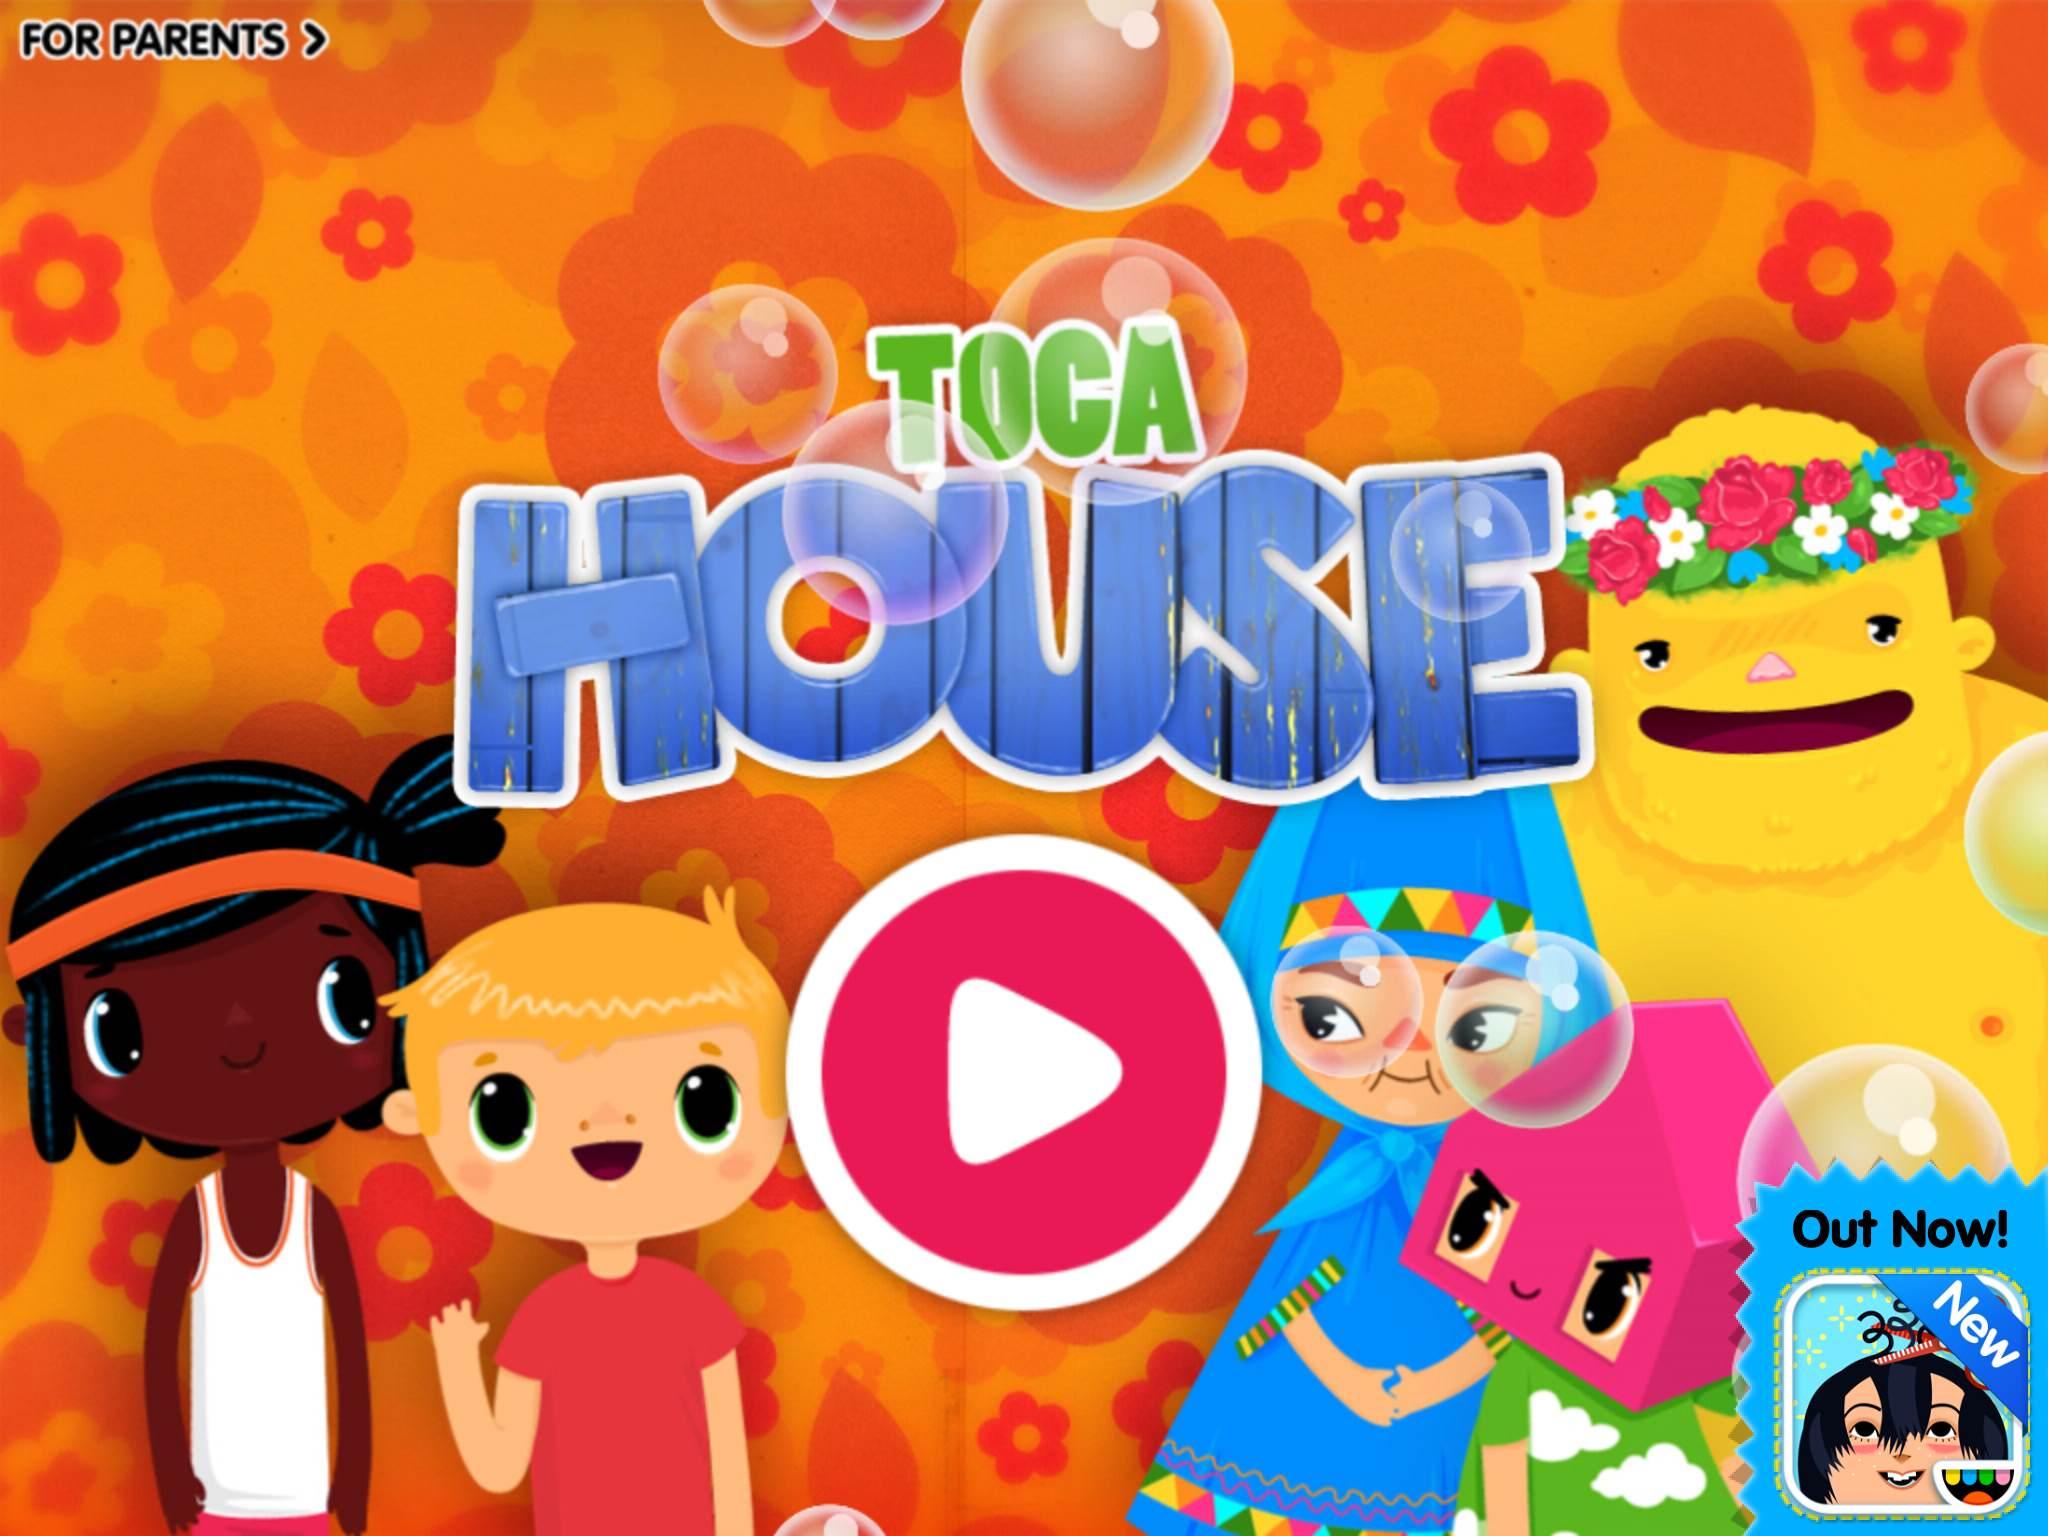 Toca Boca Toca House tablette application Enfant iPhone iPad La Souris Grise 1